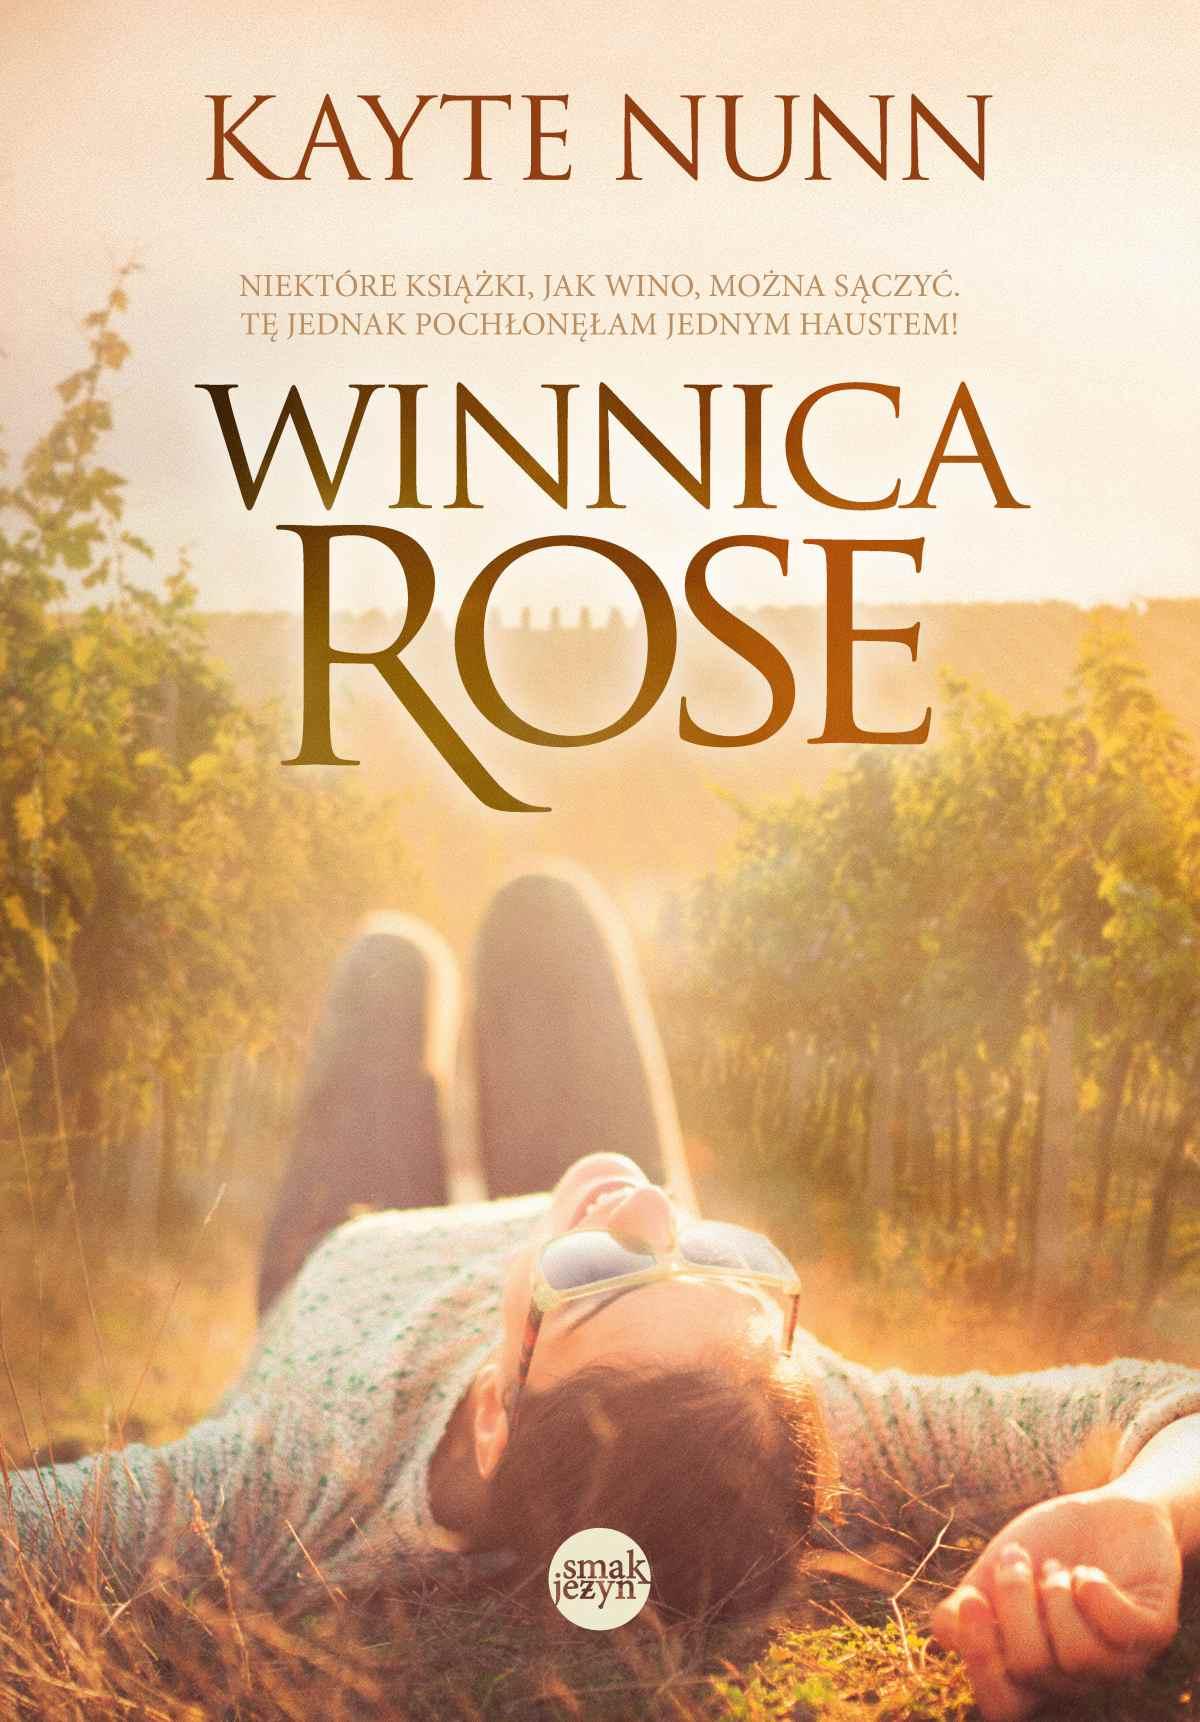 Winnica Rose - Ebook (Książka EPUB) do pobrania w formacie EPUB